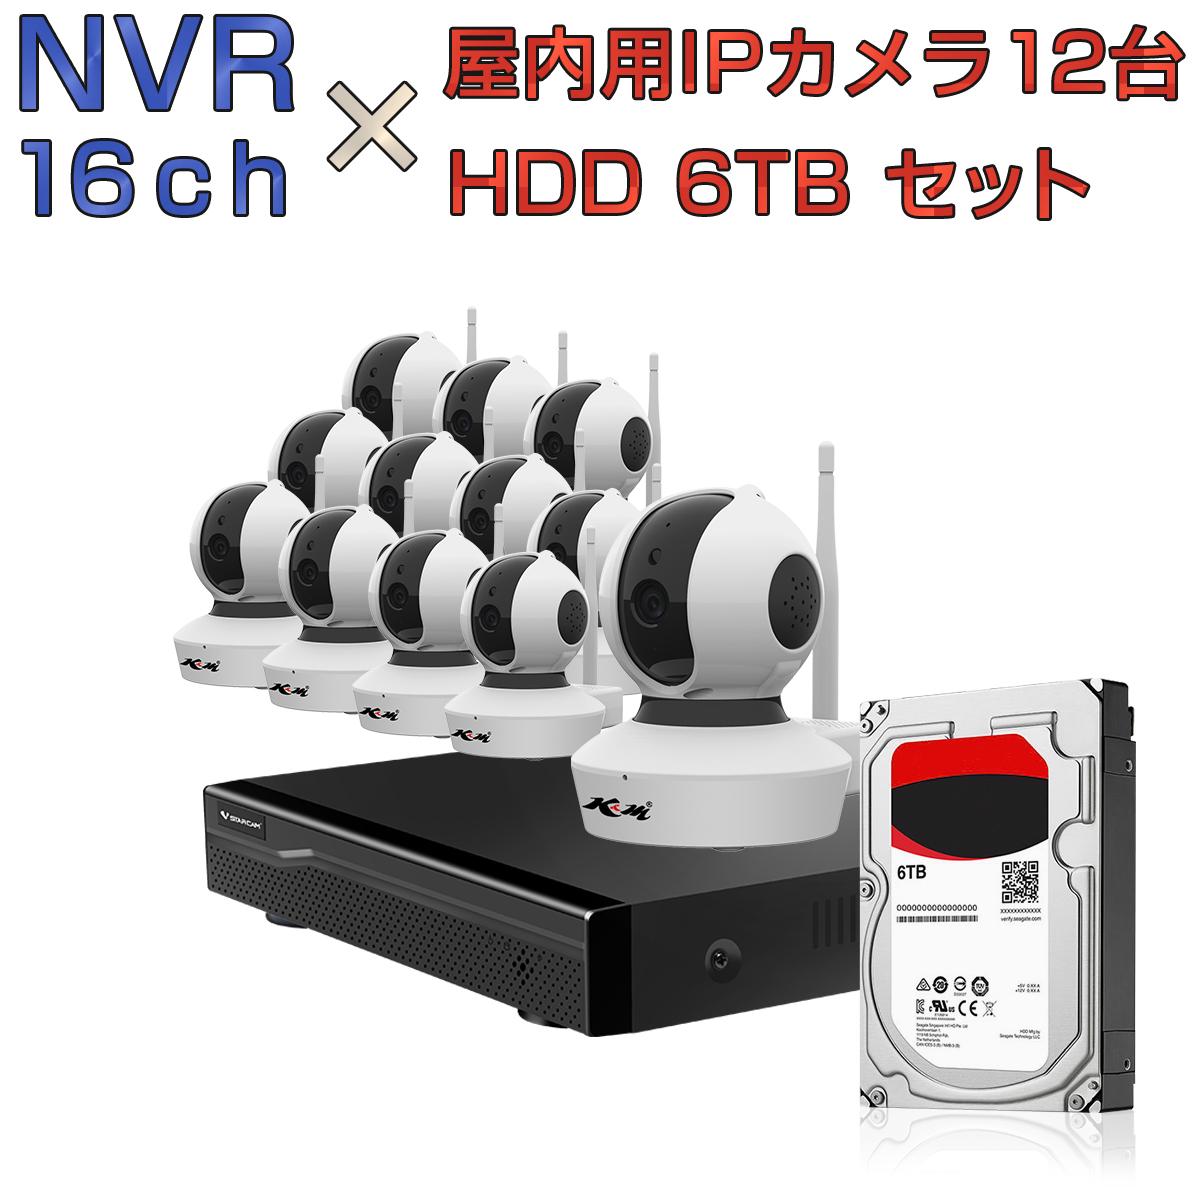 NVR ネットワークビデオレコーダー 16ch HDD6TB内蔵 C23S 2K 1080P 200万画素カメラ 12台セット IP ONVIF形式 スマホ対応 遠隔監視 1080P FHD 動体検知 同時出力 録音対応 H.265+ IPカメラレコーダー監視システム 宅配便送料無料 1年保証 K&M